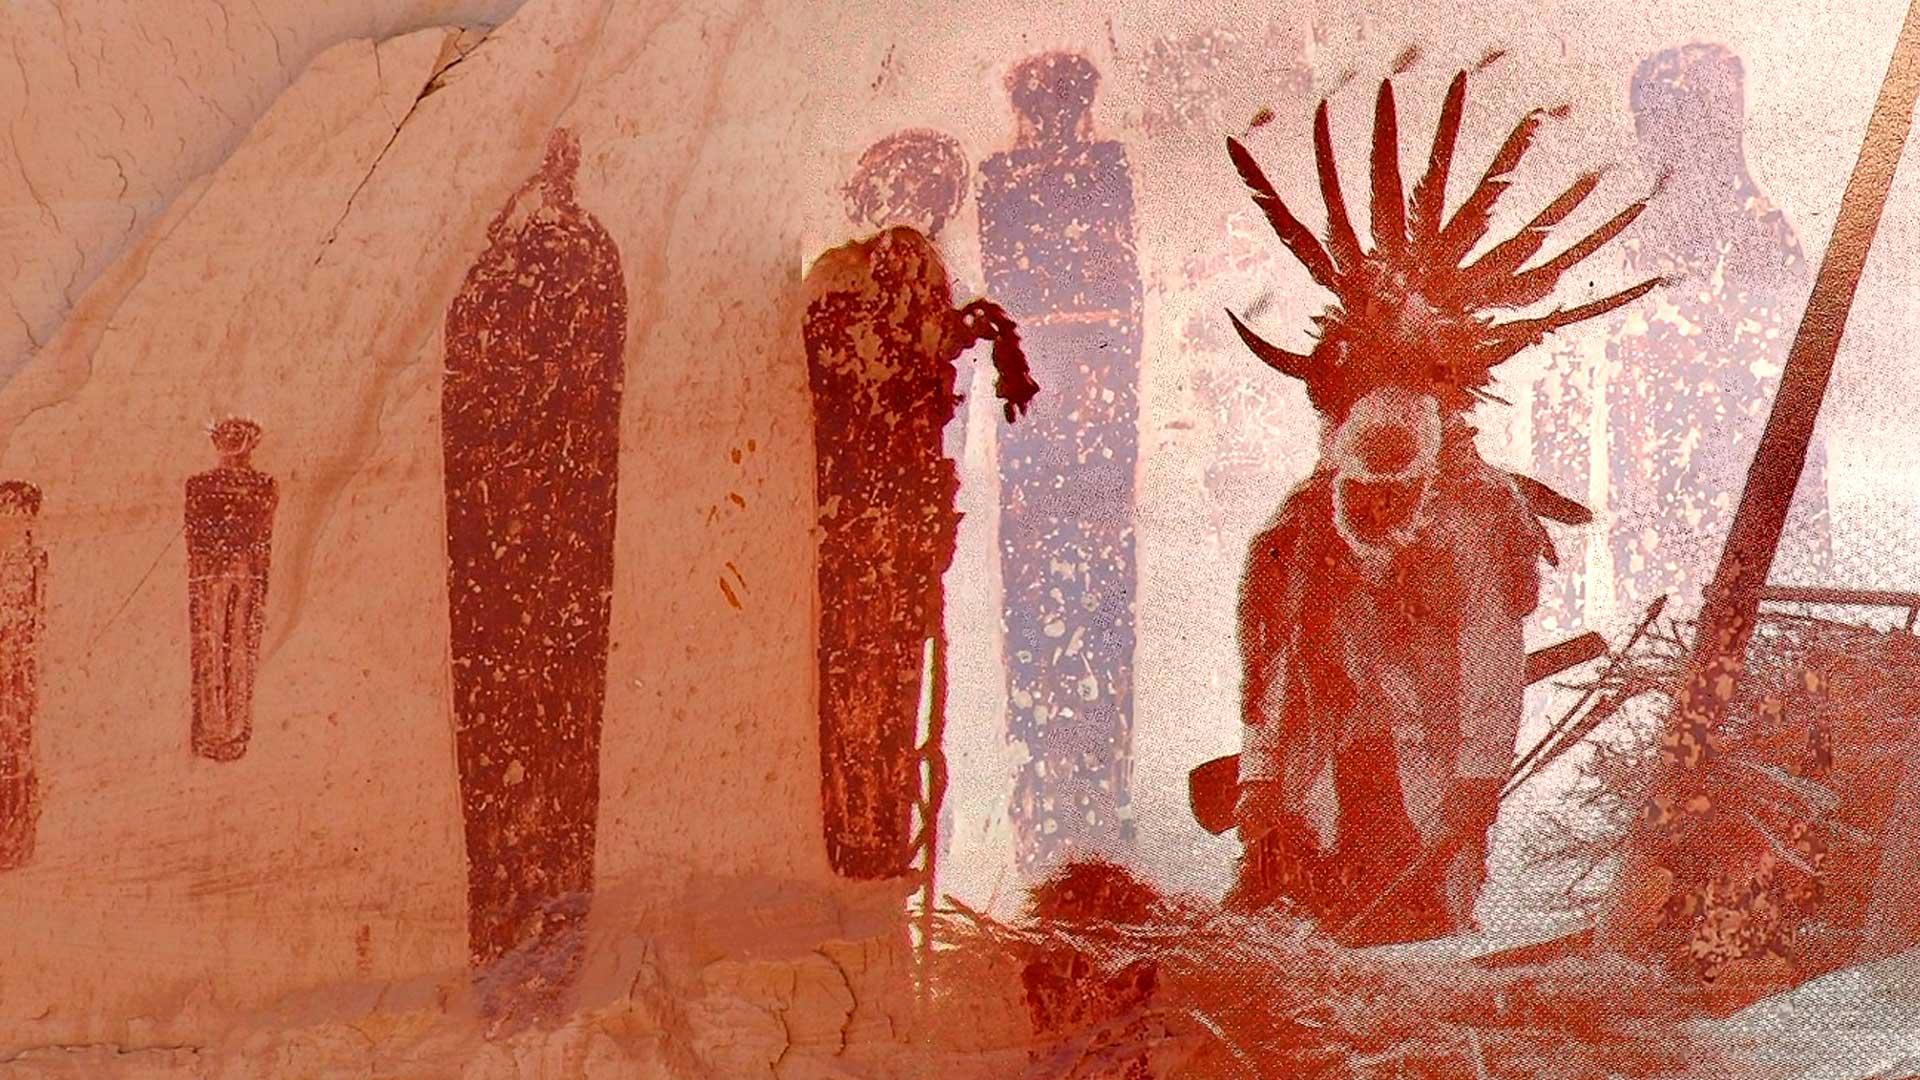 La milenaria civilización Hopi y su conexión con la Gente Hormiga y los Annunaki